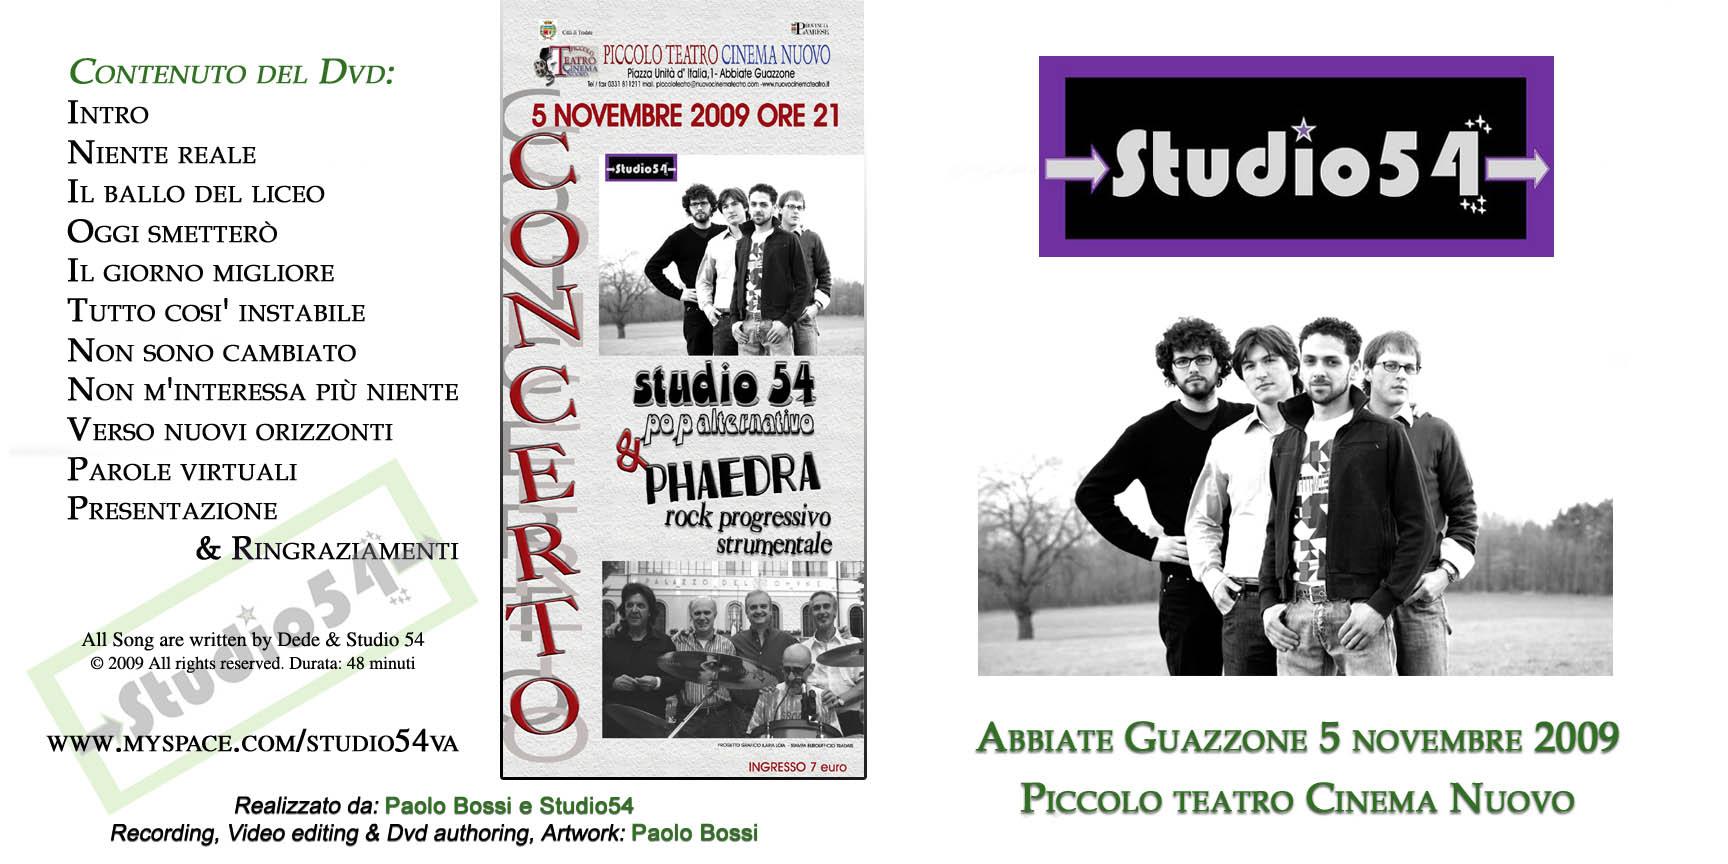 Cinema Nuovo Abbiate Guazzone 85